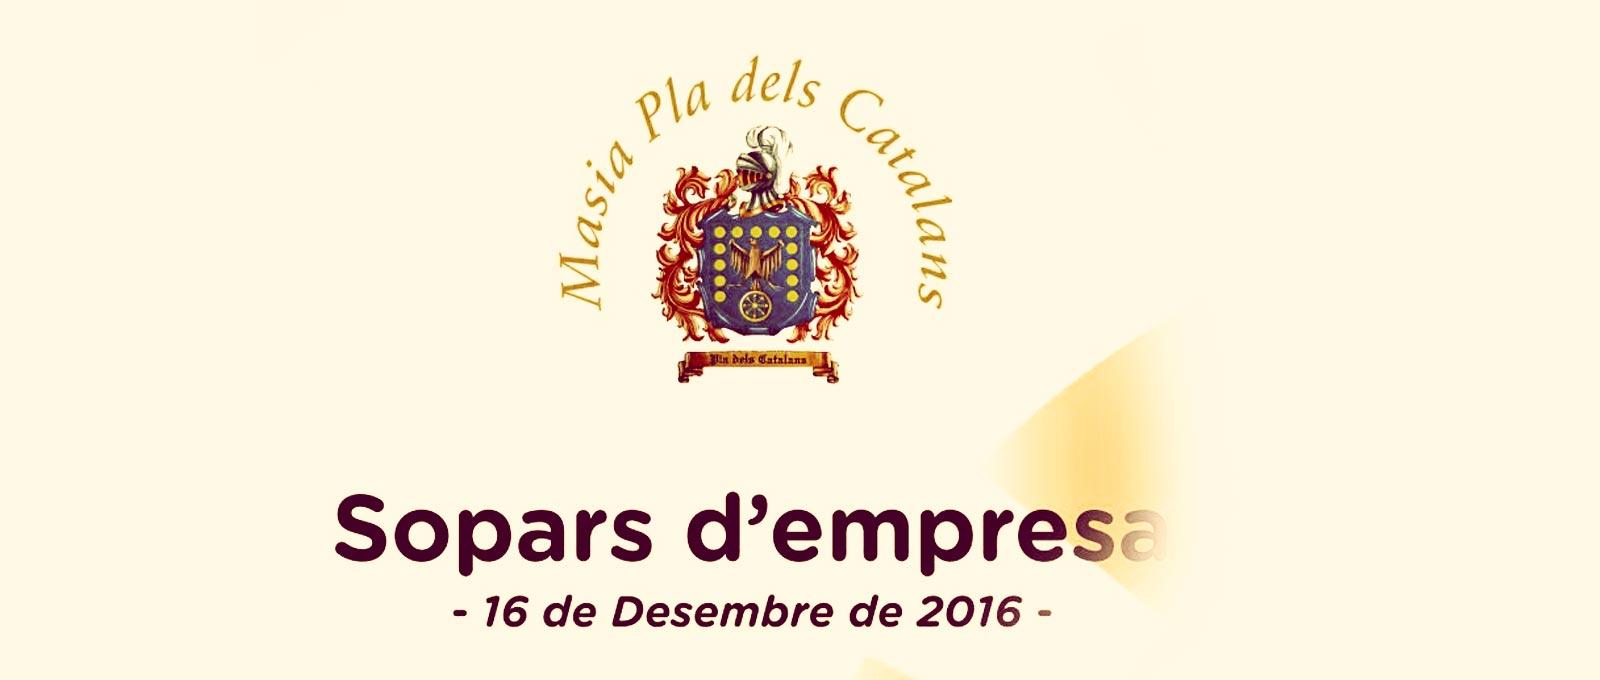 sopars-empresa-pla-dels-catalans